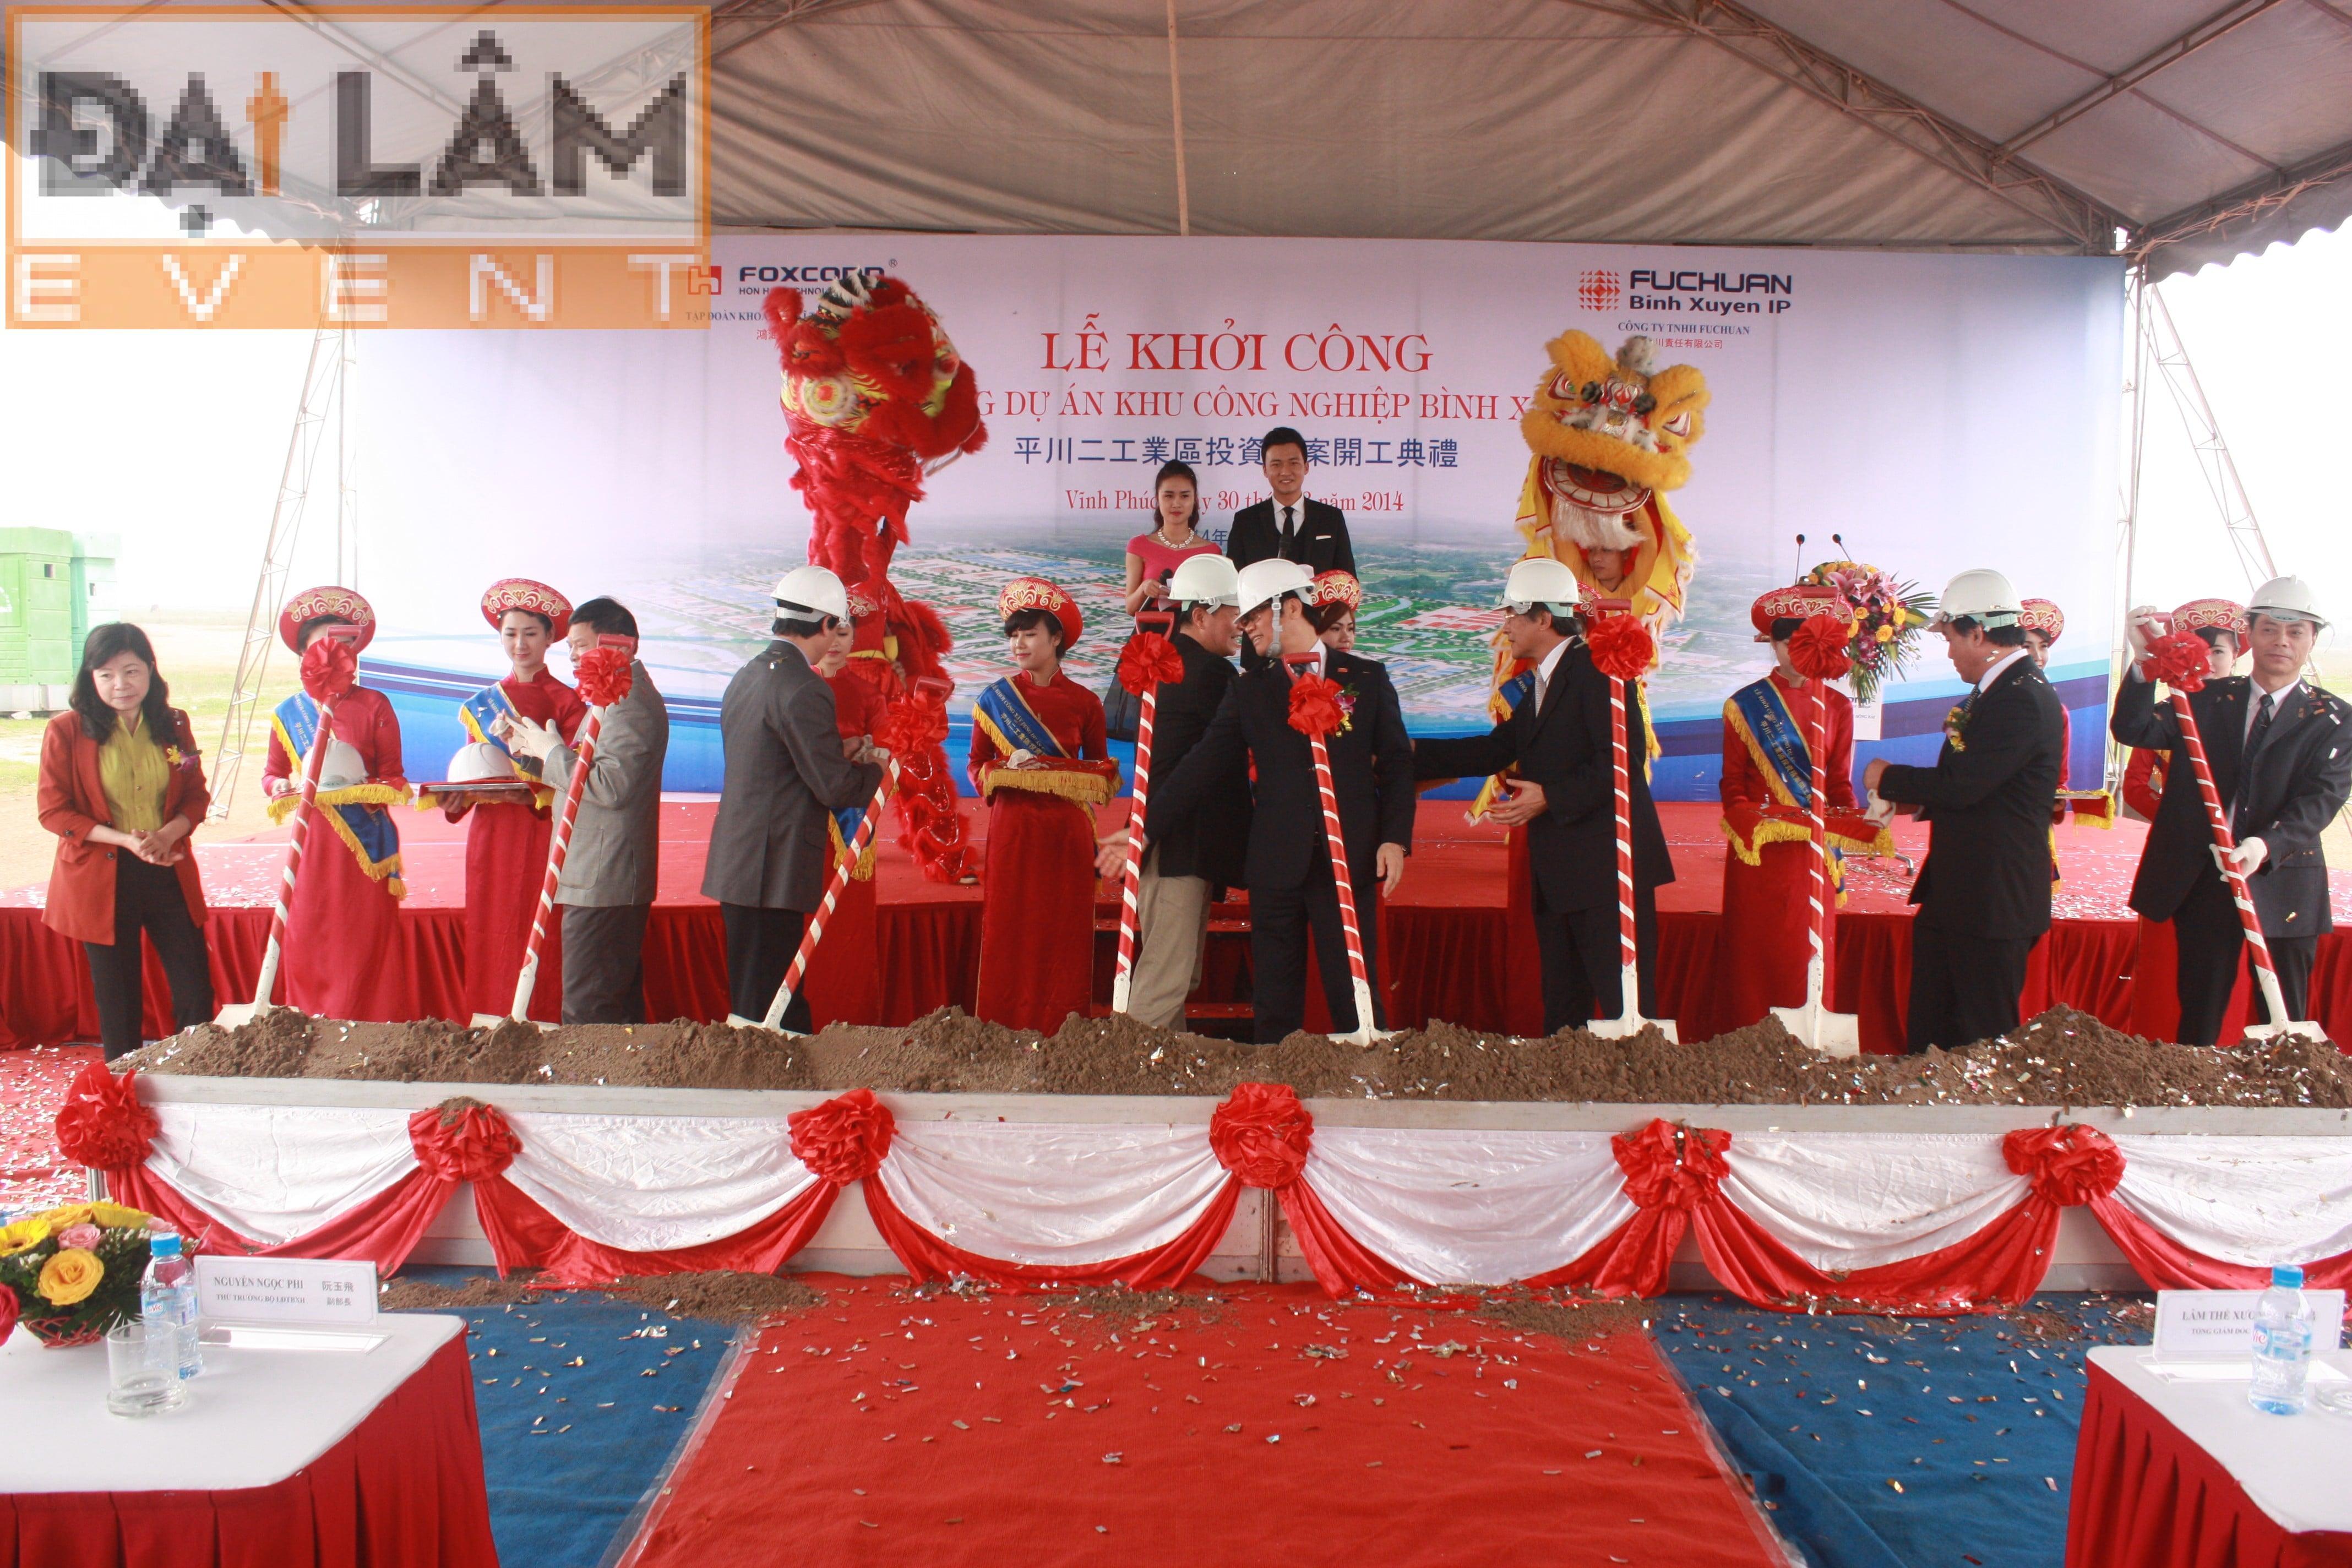 Lễ khởi công xây dựng khu công nghiệp Bình Xuyên II